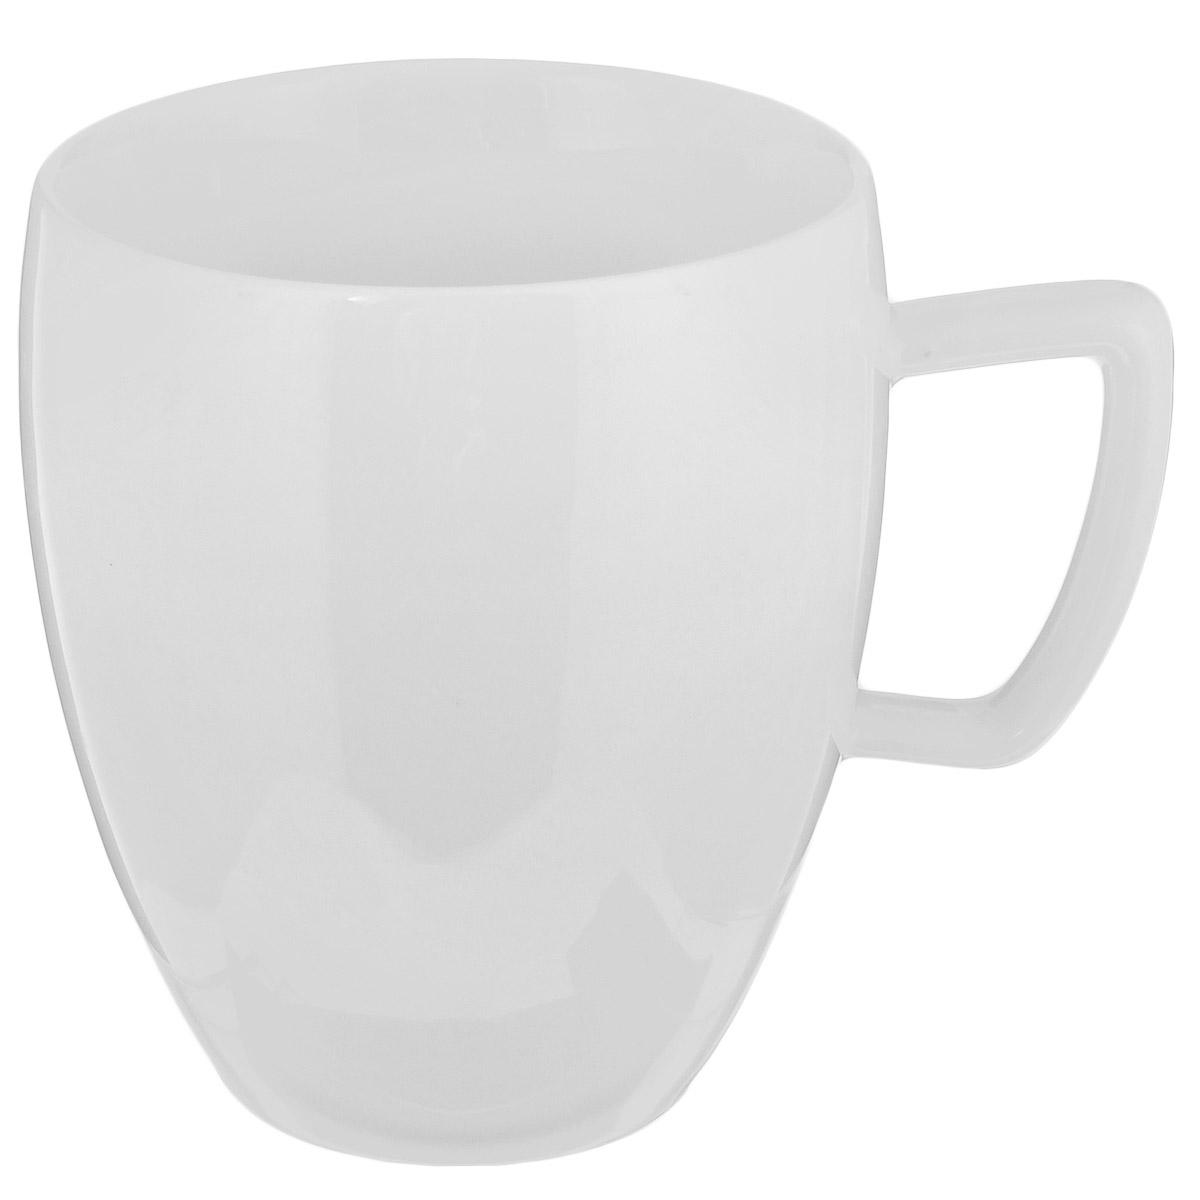 Кружка Tescoma Crema, 300 мл387128Чашка Tescoma Crema выполнена из высококачественного фарфора однотонного цвета и прекрасно подойдет для вашей кухни. Чашка изысканно украсит сервировку как обеденного, так и праздничного стола. Предназначена подачи кофе и чая. Пригодна для использования в микроволновой печи. Можно мыть в посудомоечной машине.Диаметр по верхнему краю: 8 см.Высота: 9 см.Объем: 300 мл.